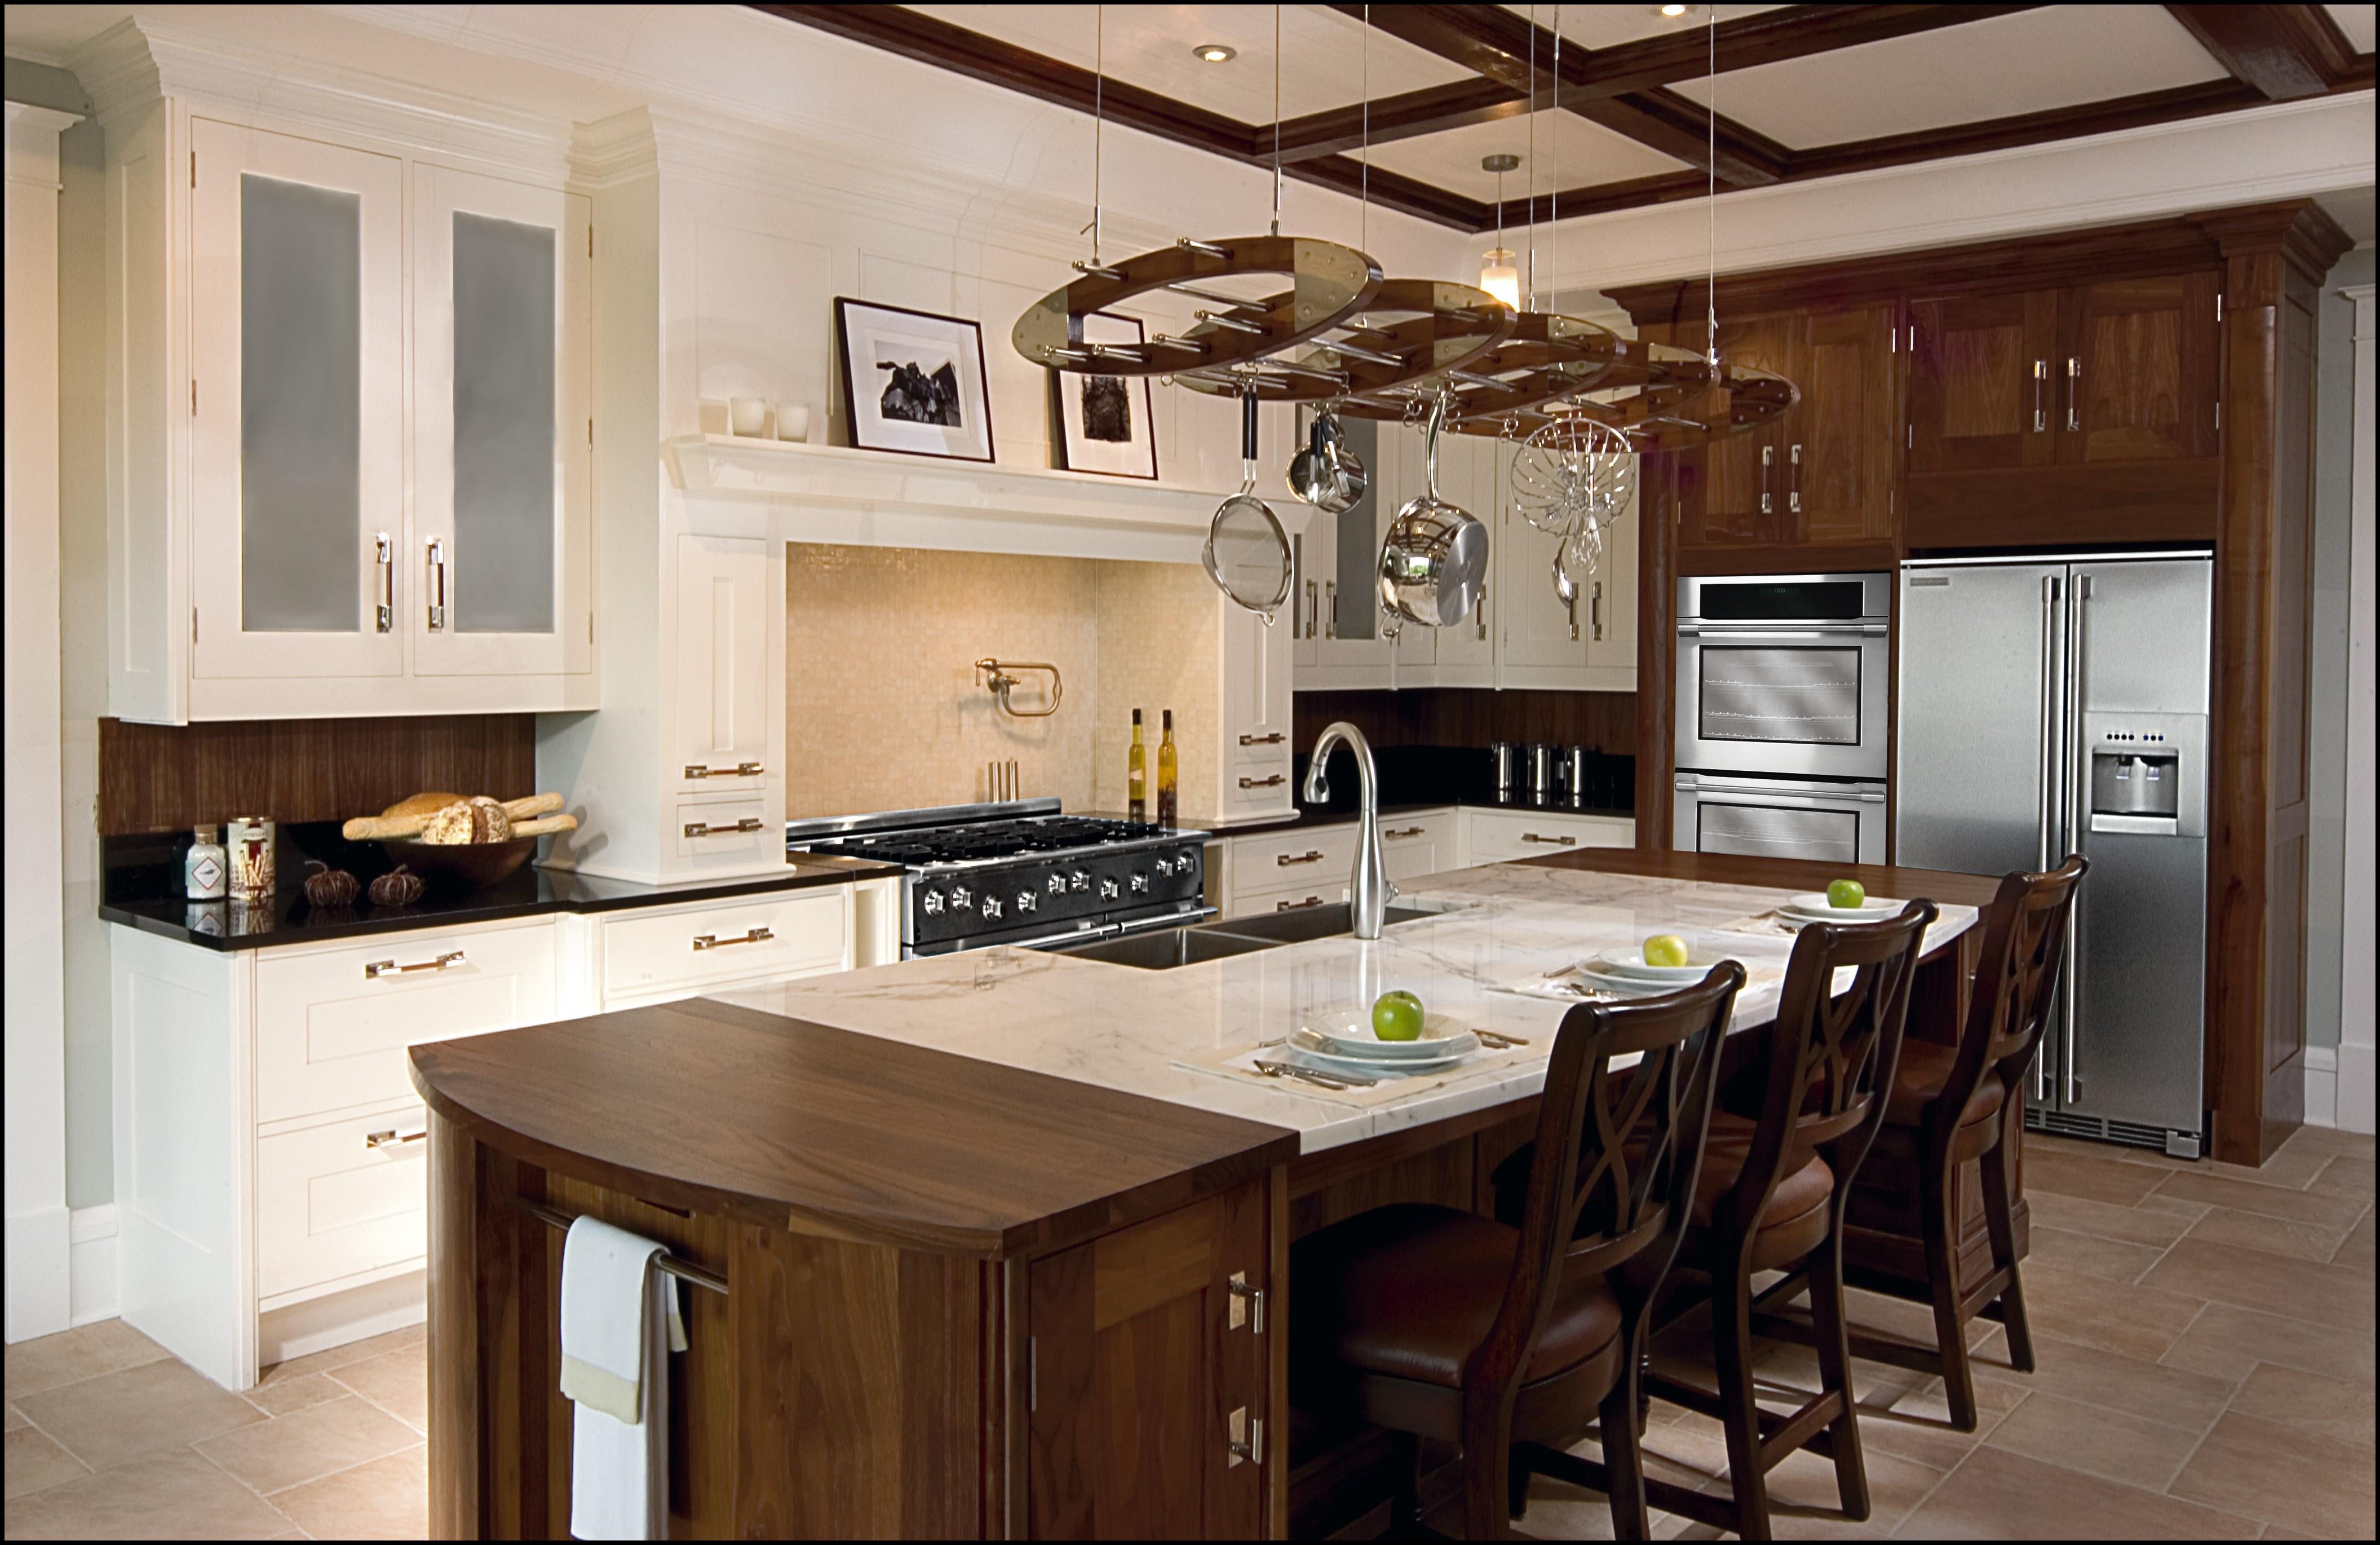 cuisine-séduisante-idées-de-design-de-luxe-champêtre-avec-table-à-manger-en-bois-brun-foncé-utilisant-un comptoir-piédestal-en-marbre-crème-être-équipé-évier-en-chrome-inox-sur-et-blanc- étagères-flottantes-en-bois-cabi